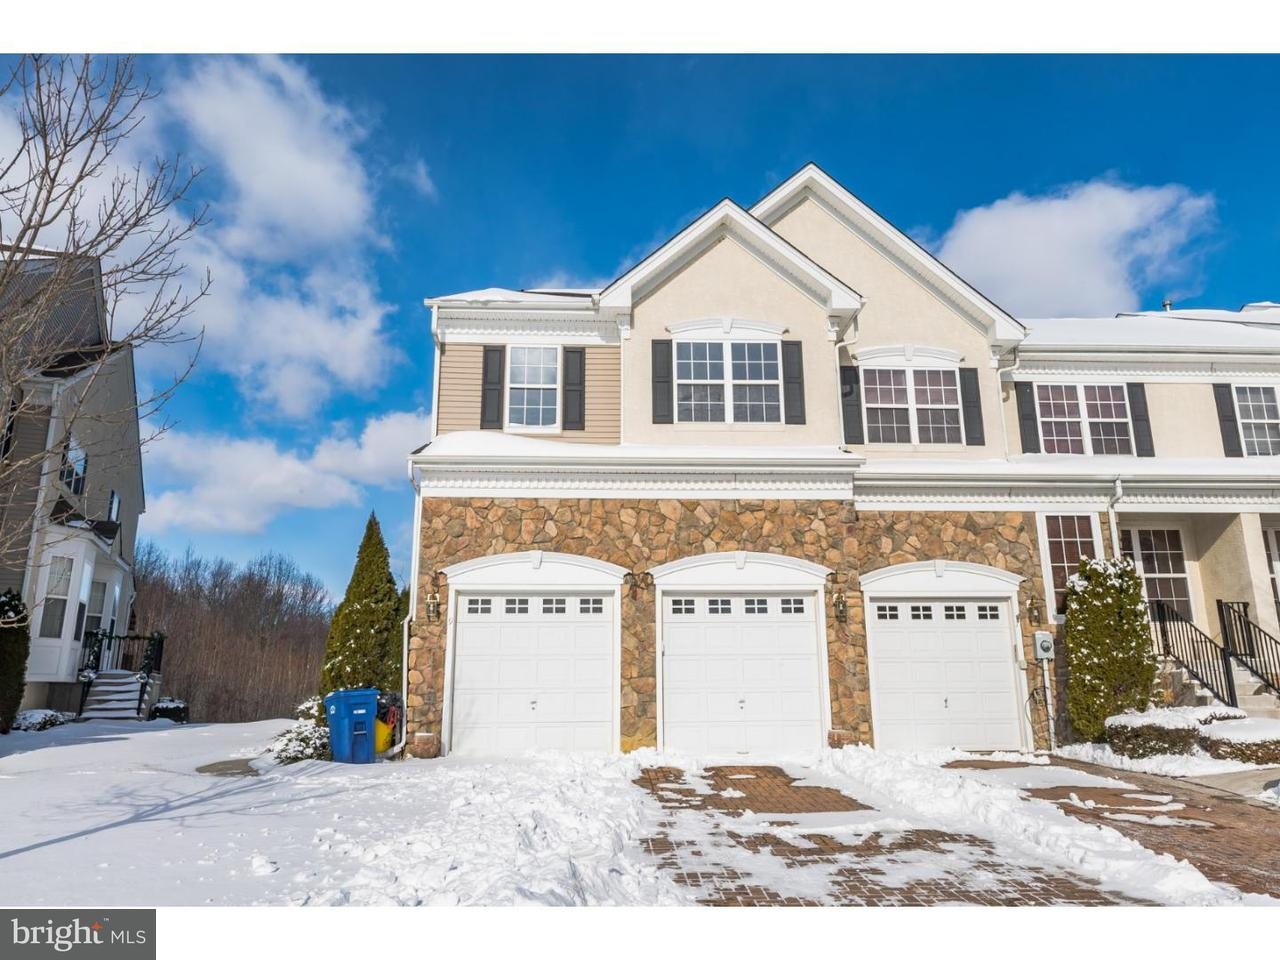 Casa unifamiliar adosada (Townhouse) por un Venta en 9 WELSFORD WAY Mount Holly, Nueva Jersey 08060 Estados Unidos